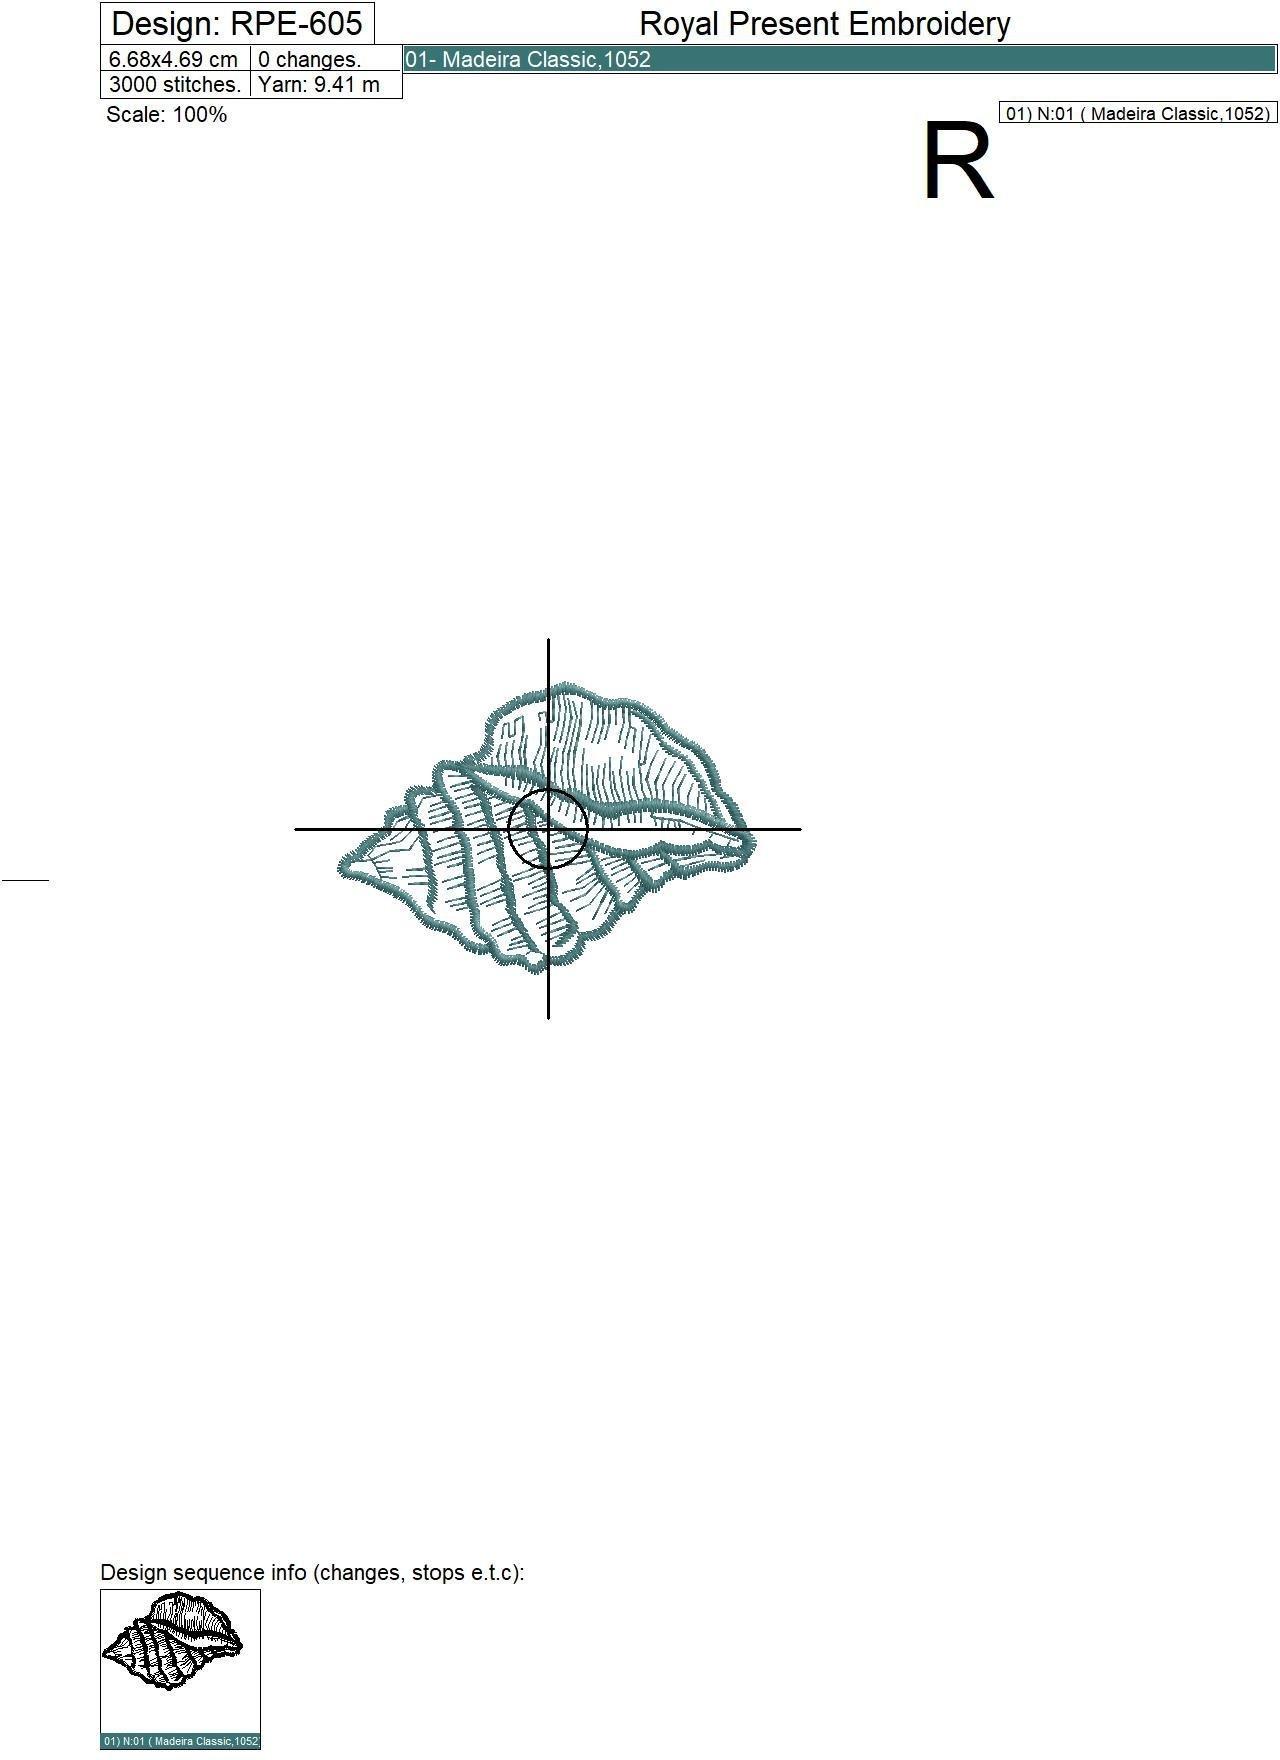 Бесплатный дизайн машинной вышивки Бирюзовая ракушка - 3 размера